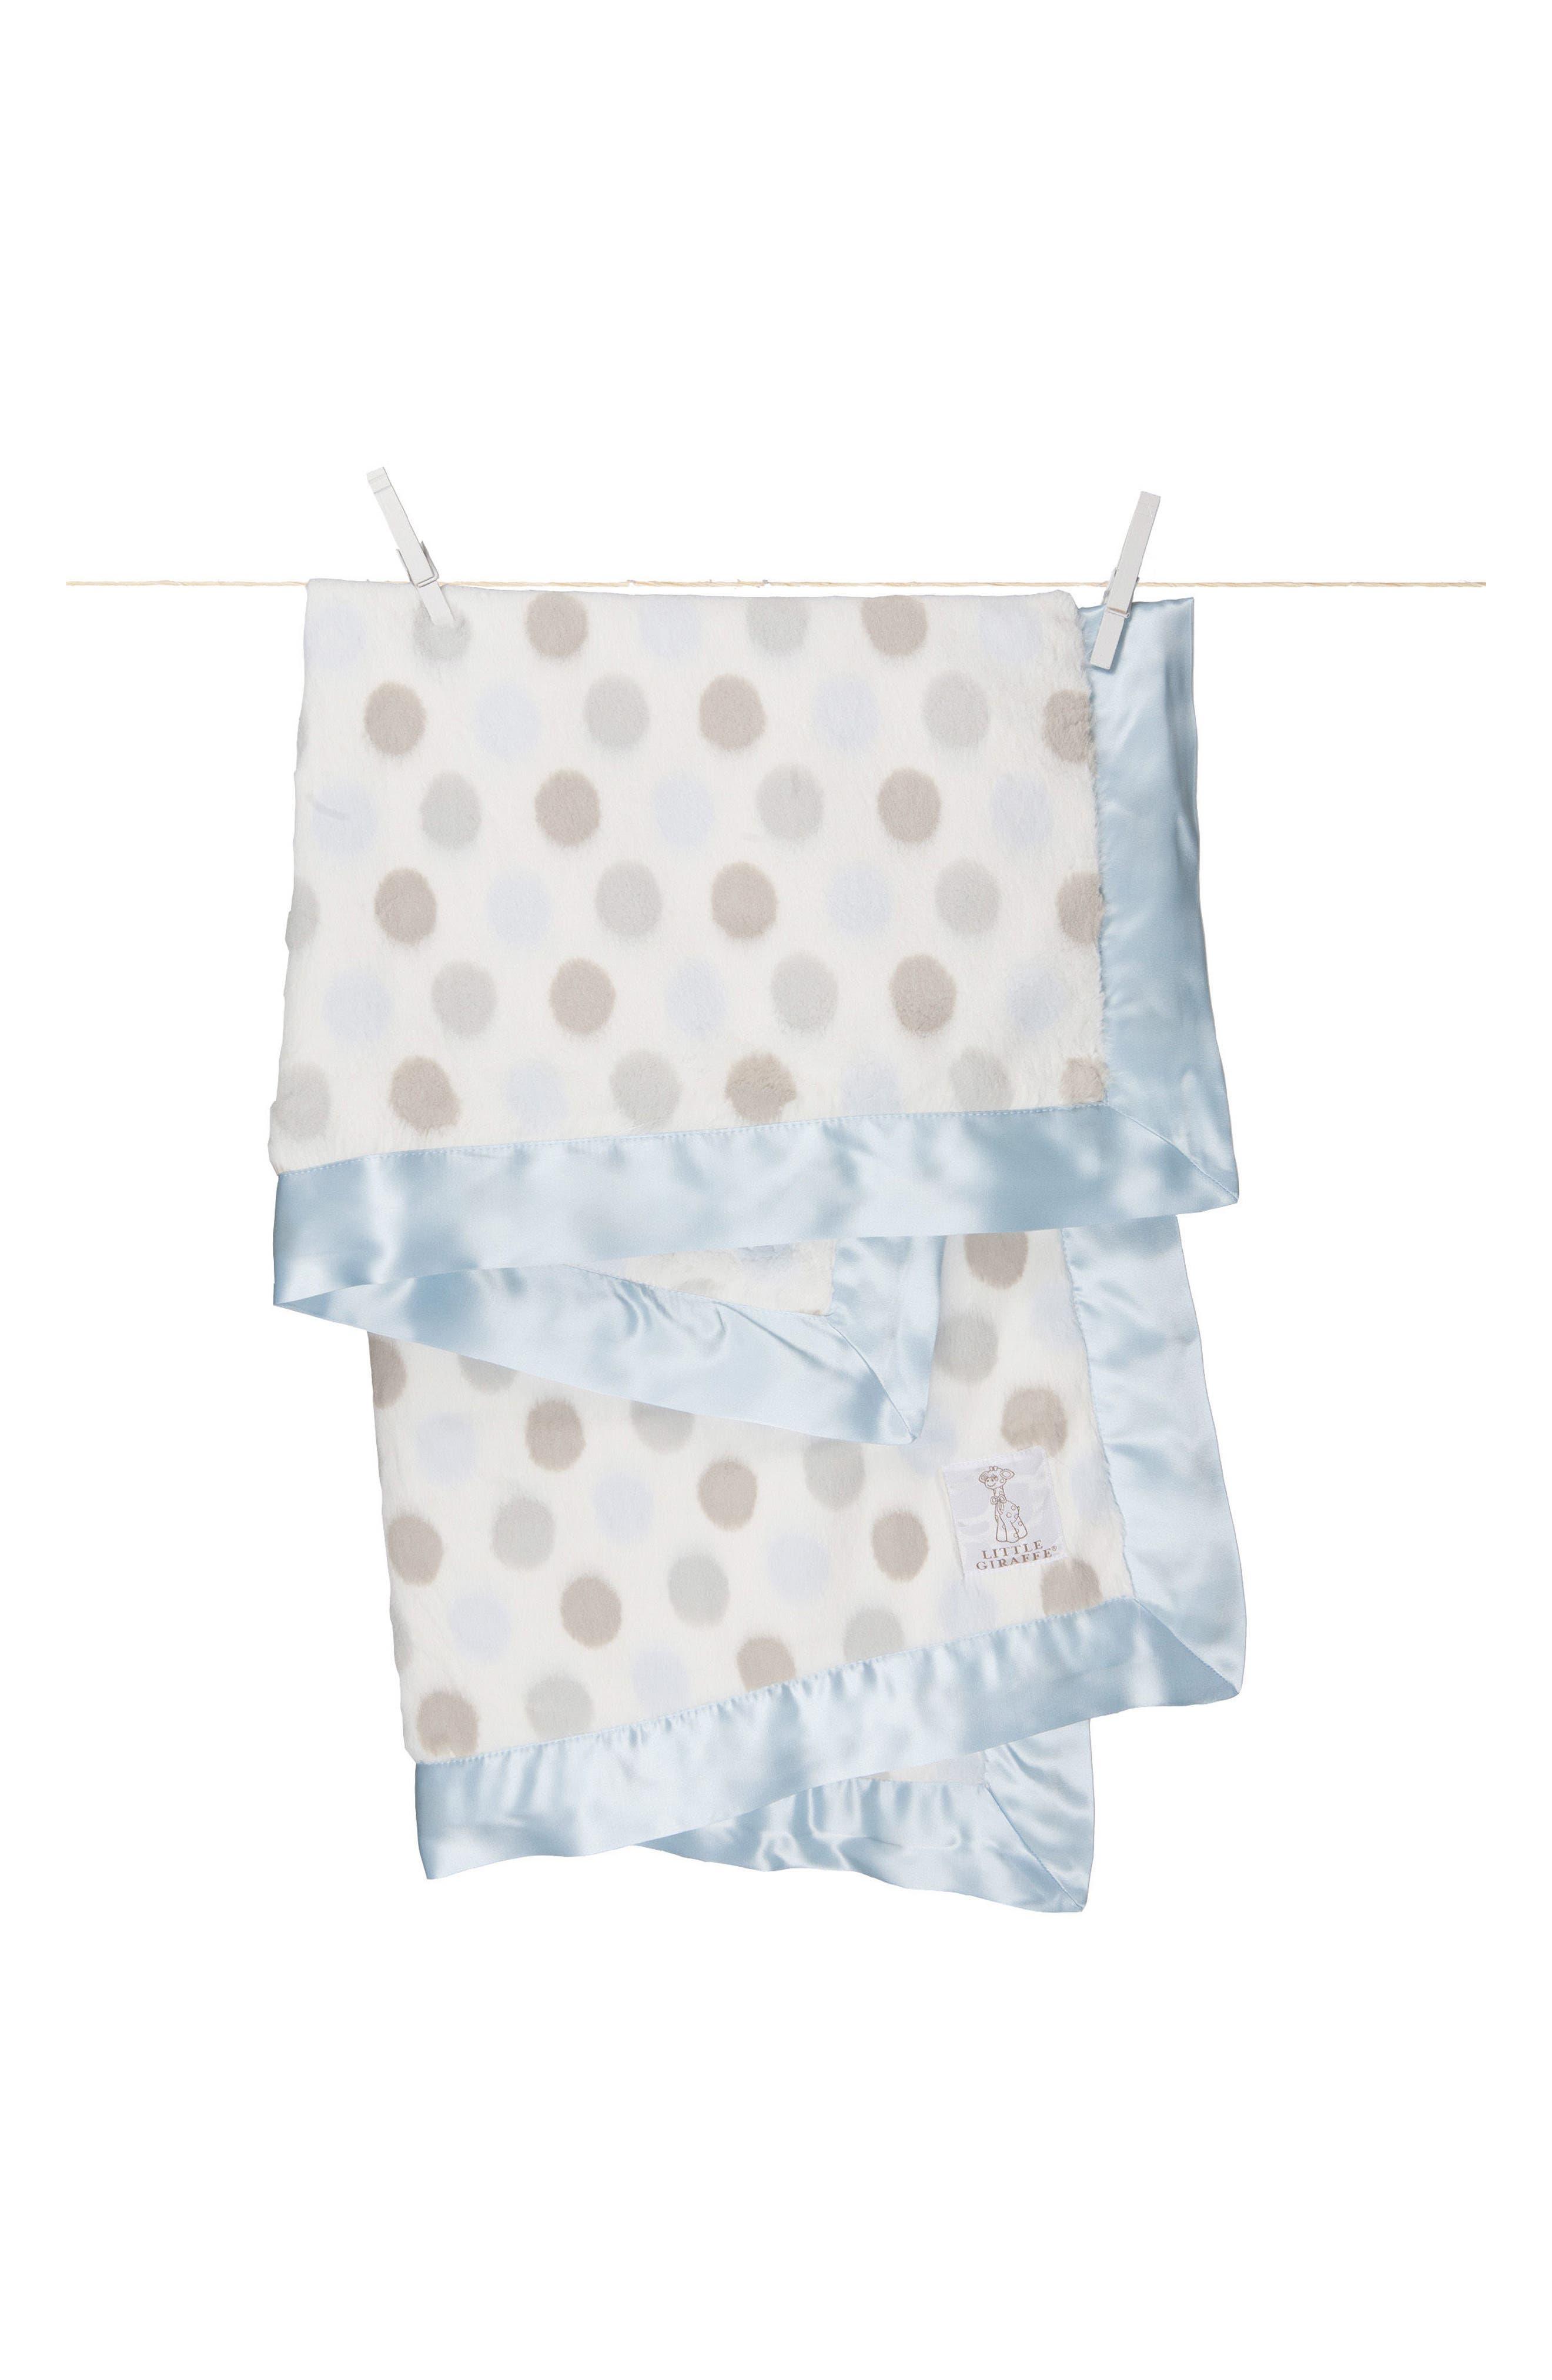 'Luxe Dot' Blanket,                             Alternate thumbnail 2, color,                             BLUE